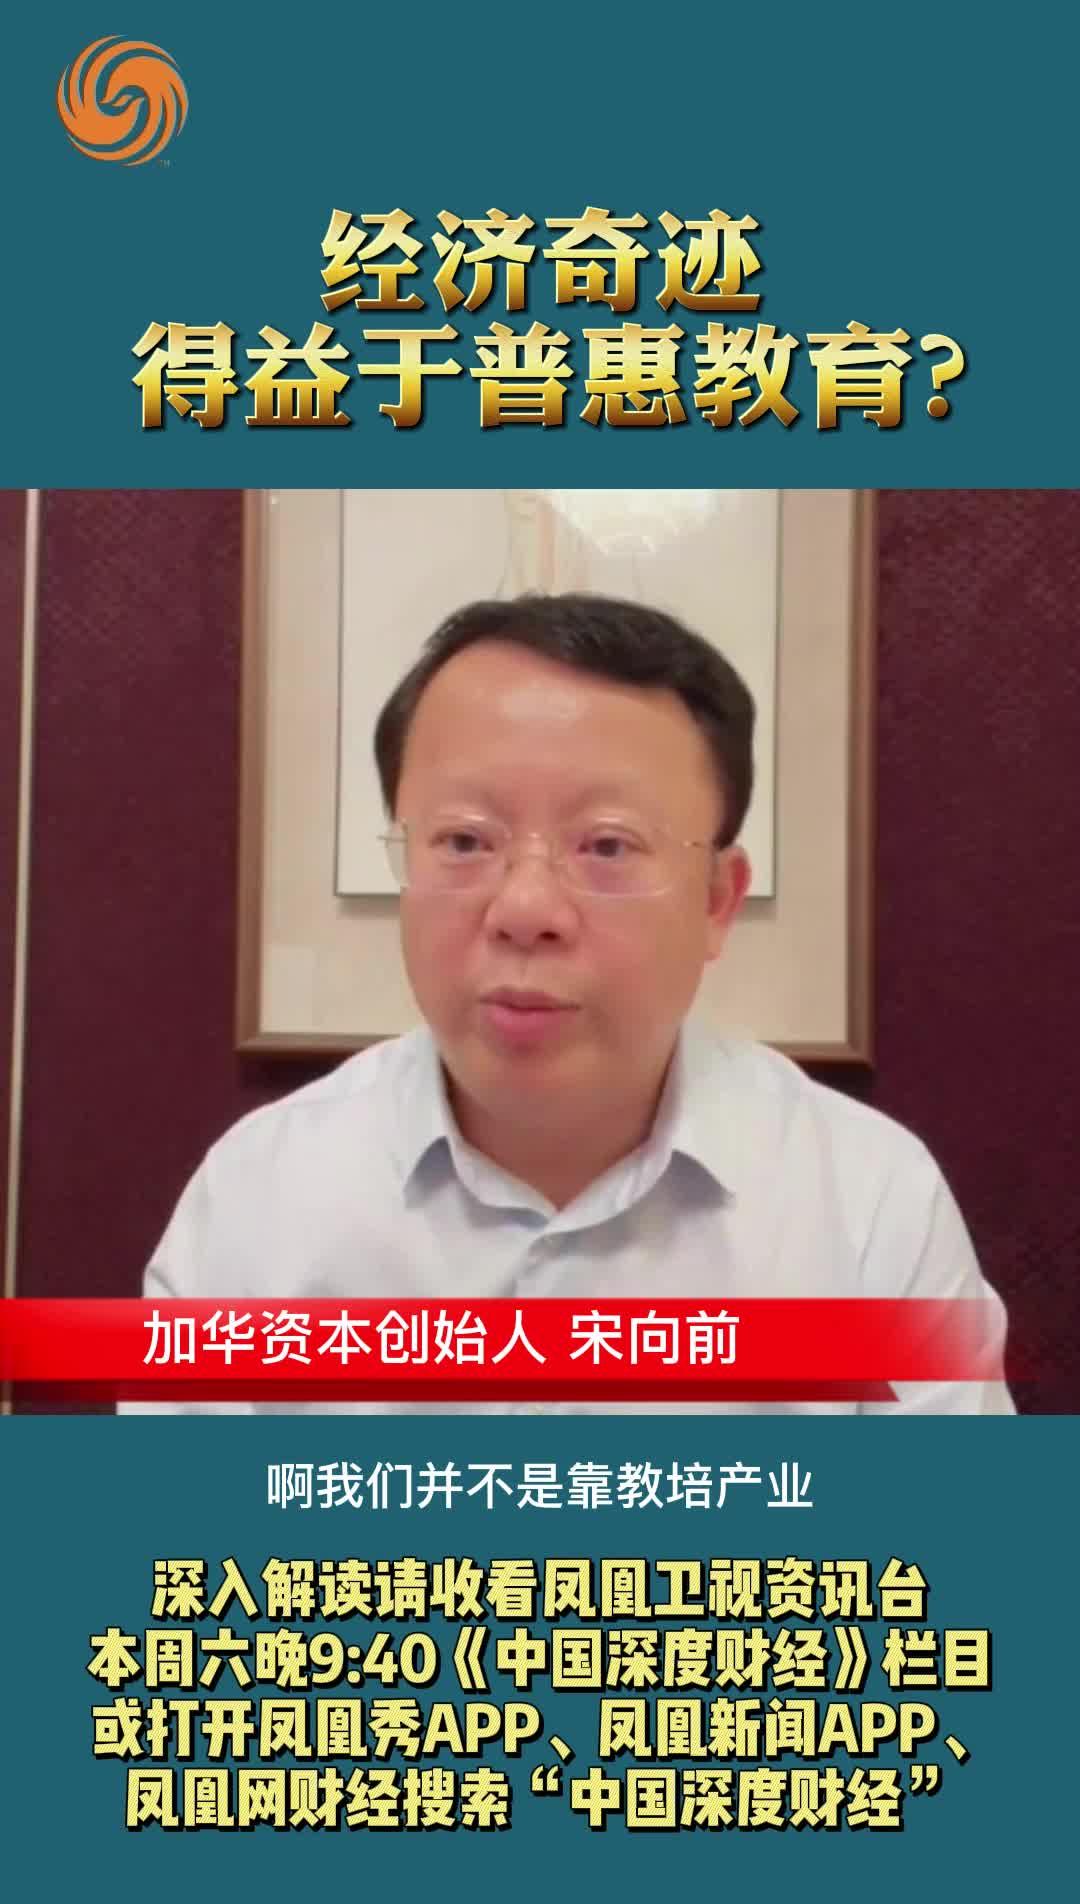 加华资本创始人 宋向前:经济奇迹得益于普惠教育?